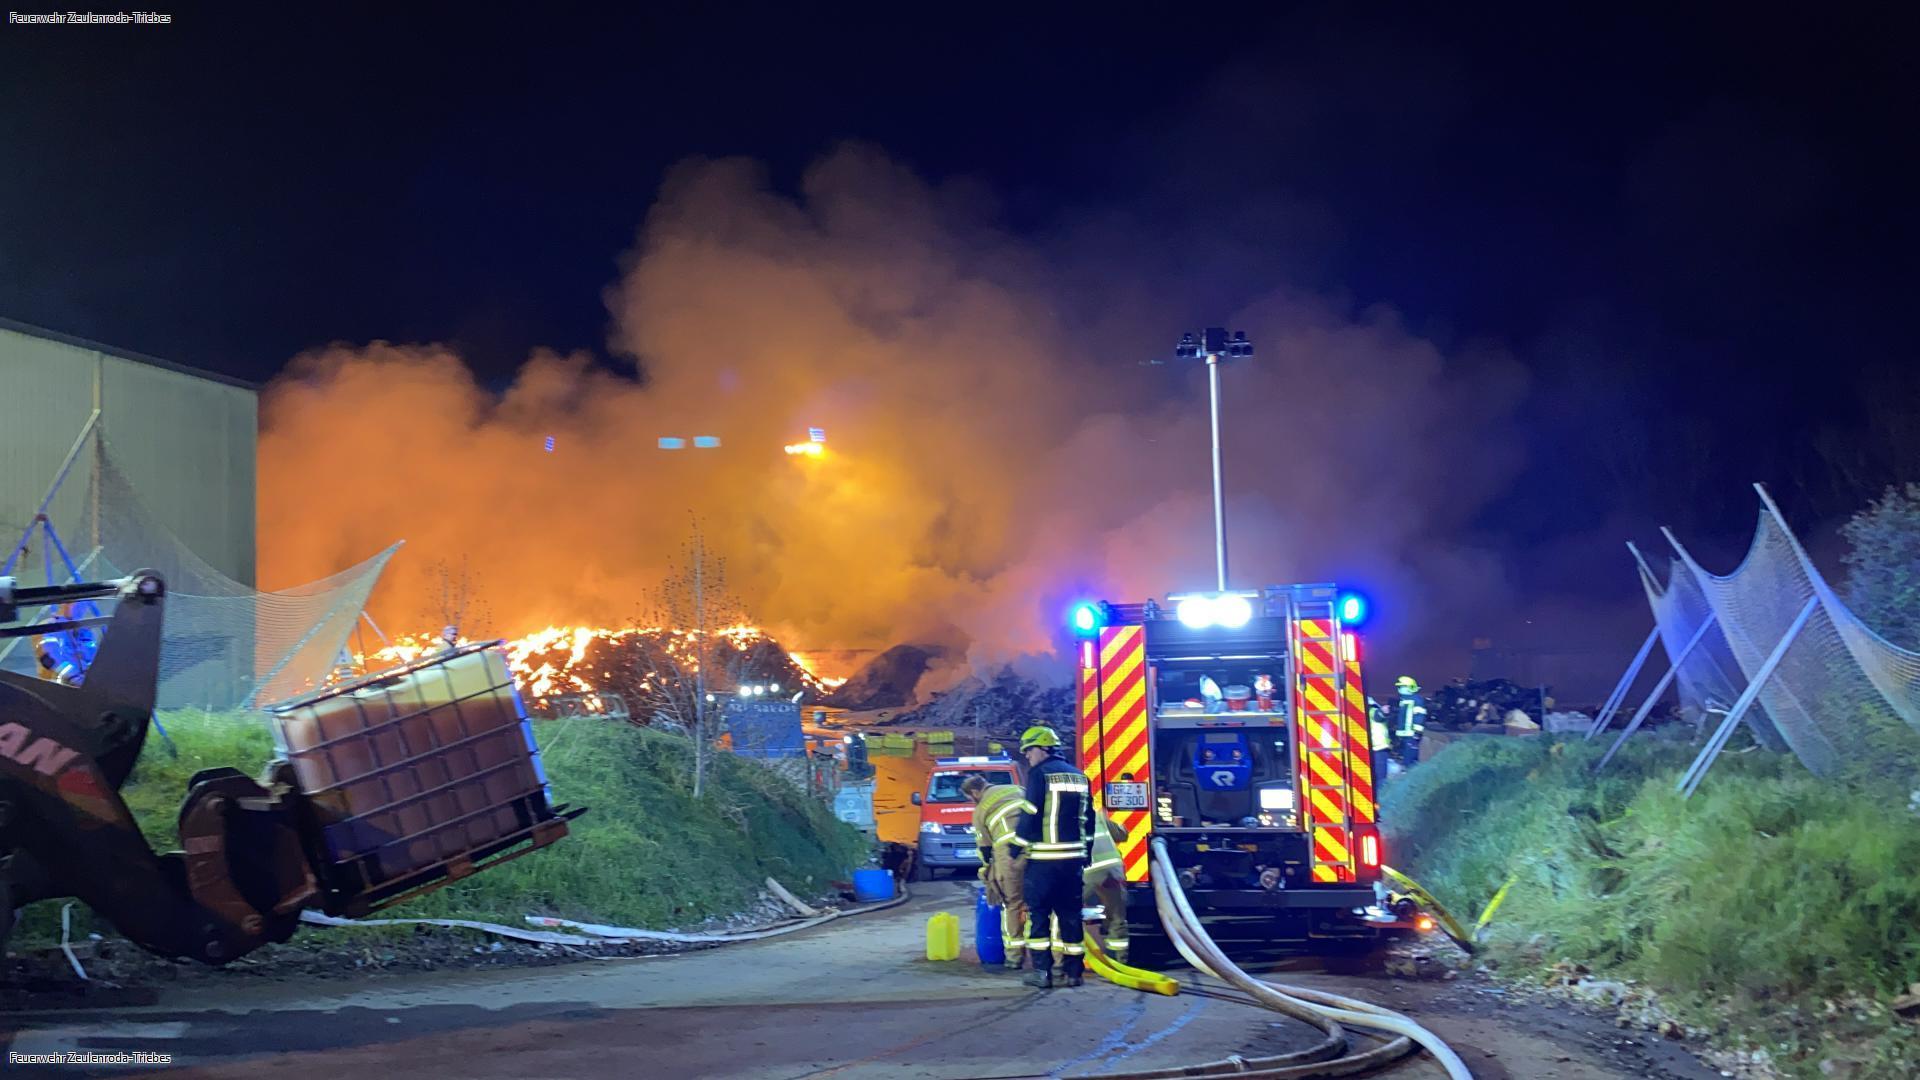 Großbrand und Rauchsäule: Feuerwehr kämpft stundenlang gegen Flammen